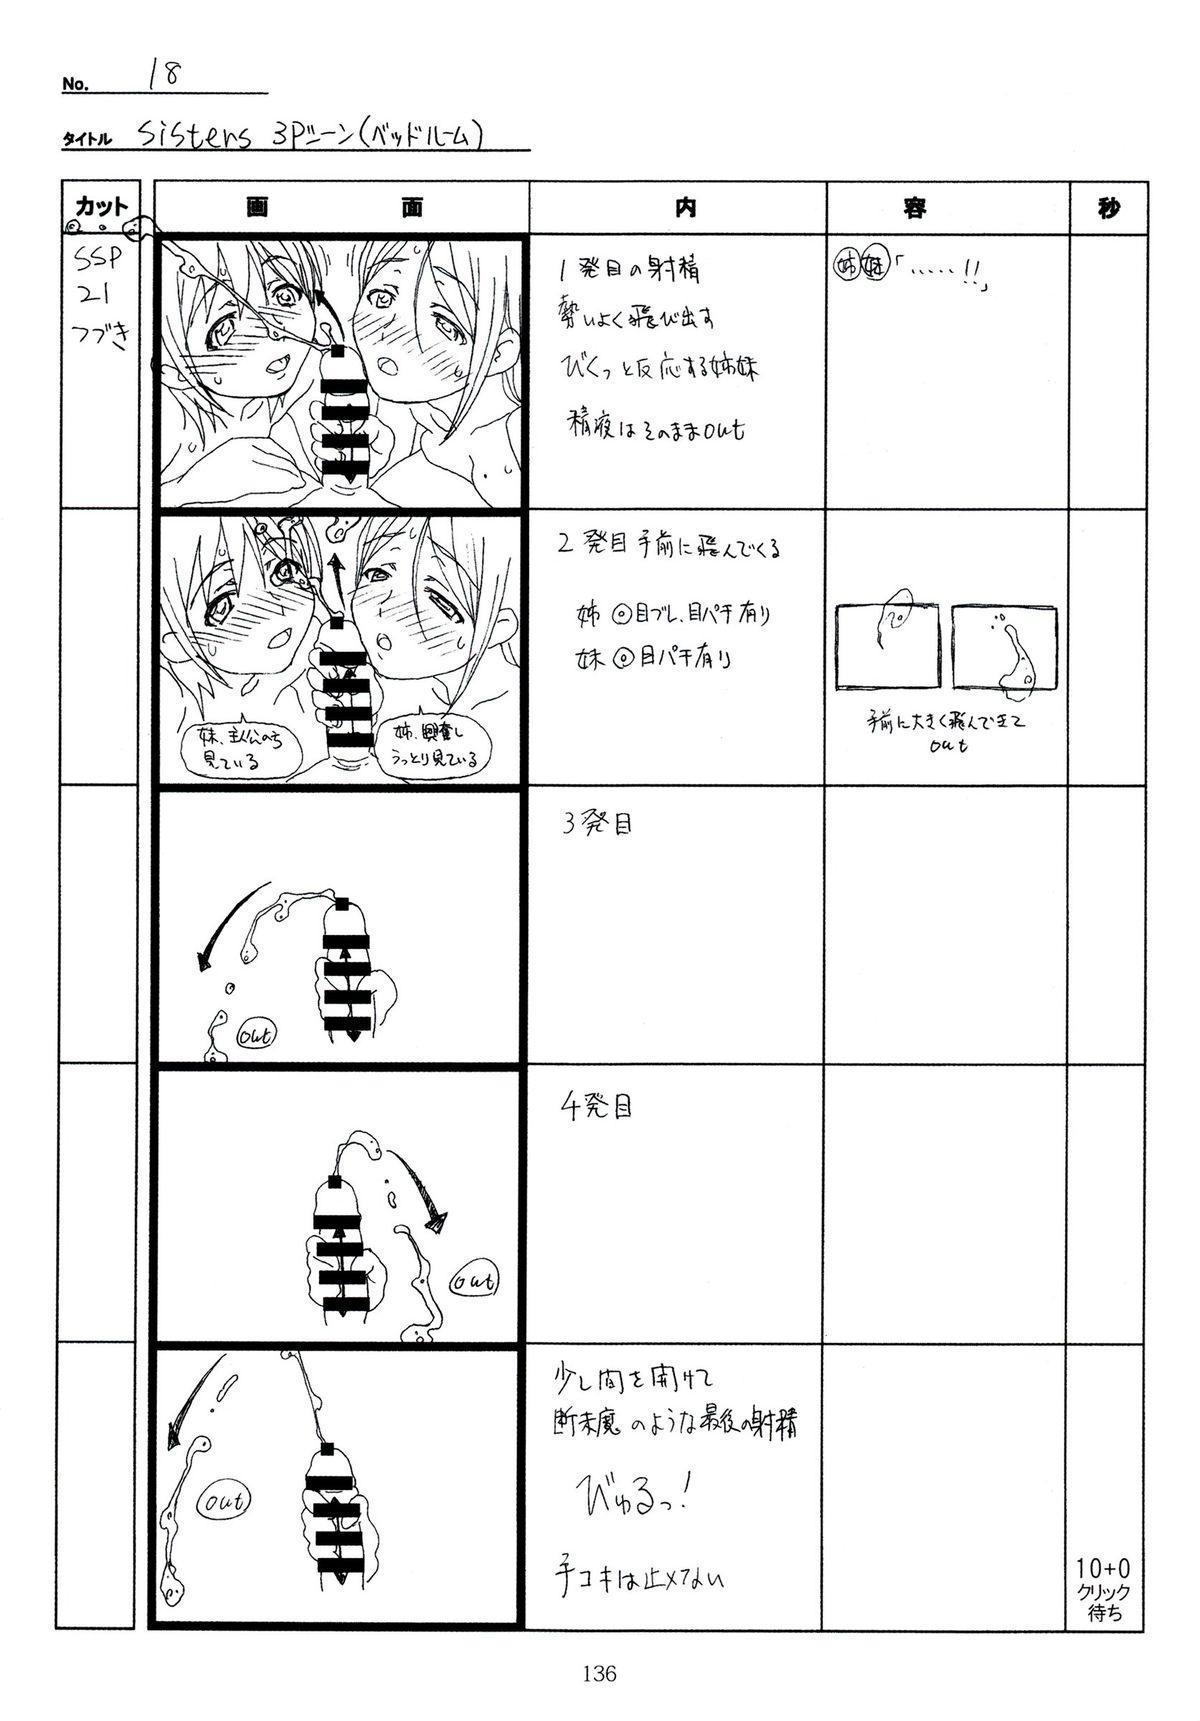 (C89) [Makino Jimusho (Taki Minashika)] SISTERS -Natsu no Saigo no Hi- H Scene All Part Storyboard (SISTERS -Natsu no Saigo no Hi-) 135